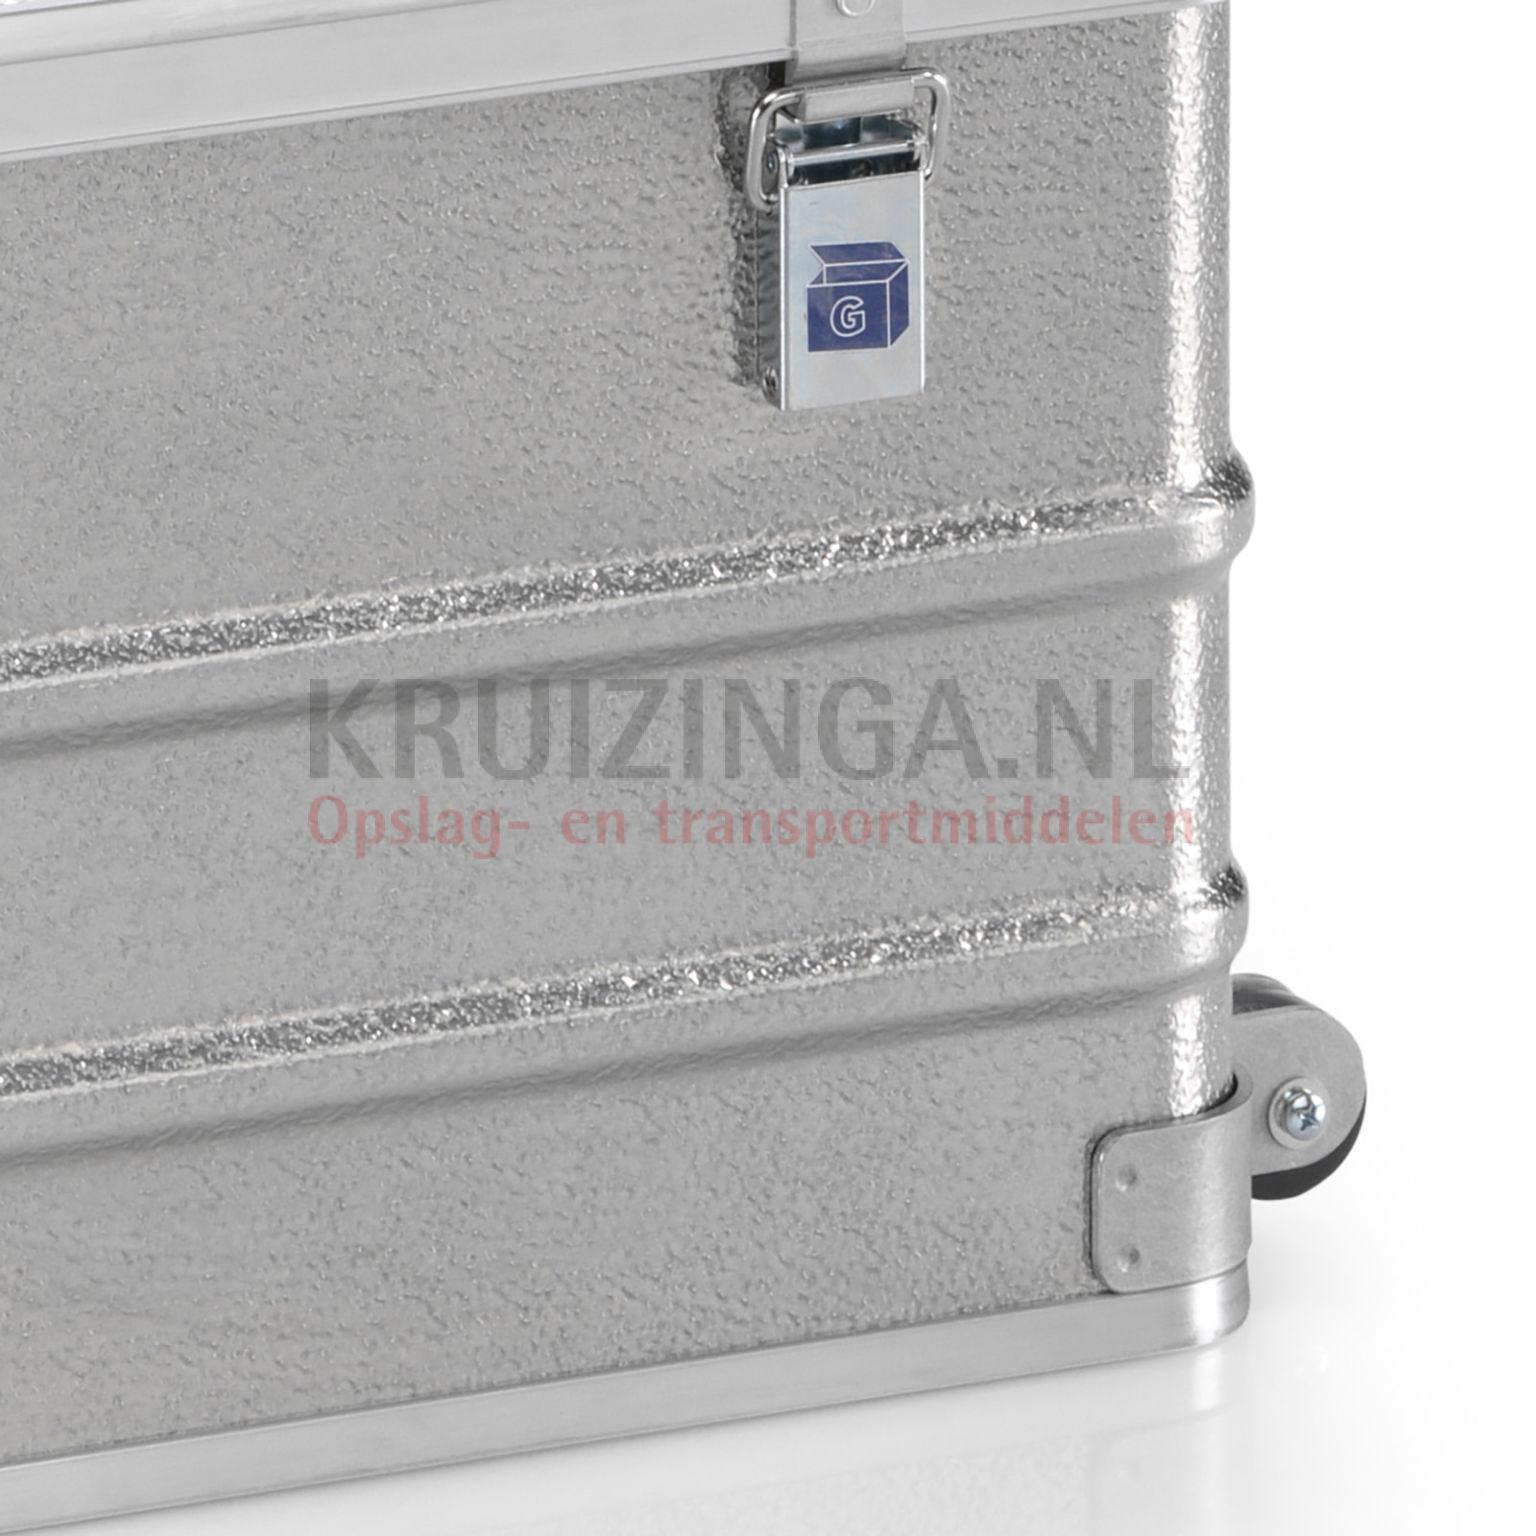 caisses outils caisses de manutention aluminium caisses roulantes avec 2 roues caoutchouc. Black Bedroom Furniture Sets. Home Design Ideas